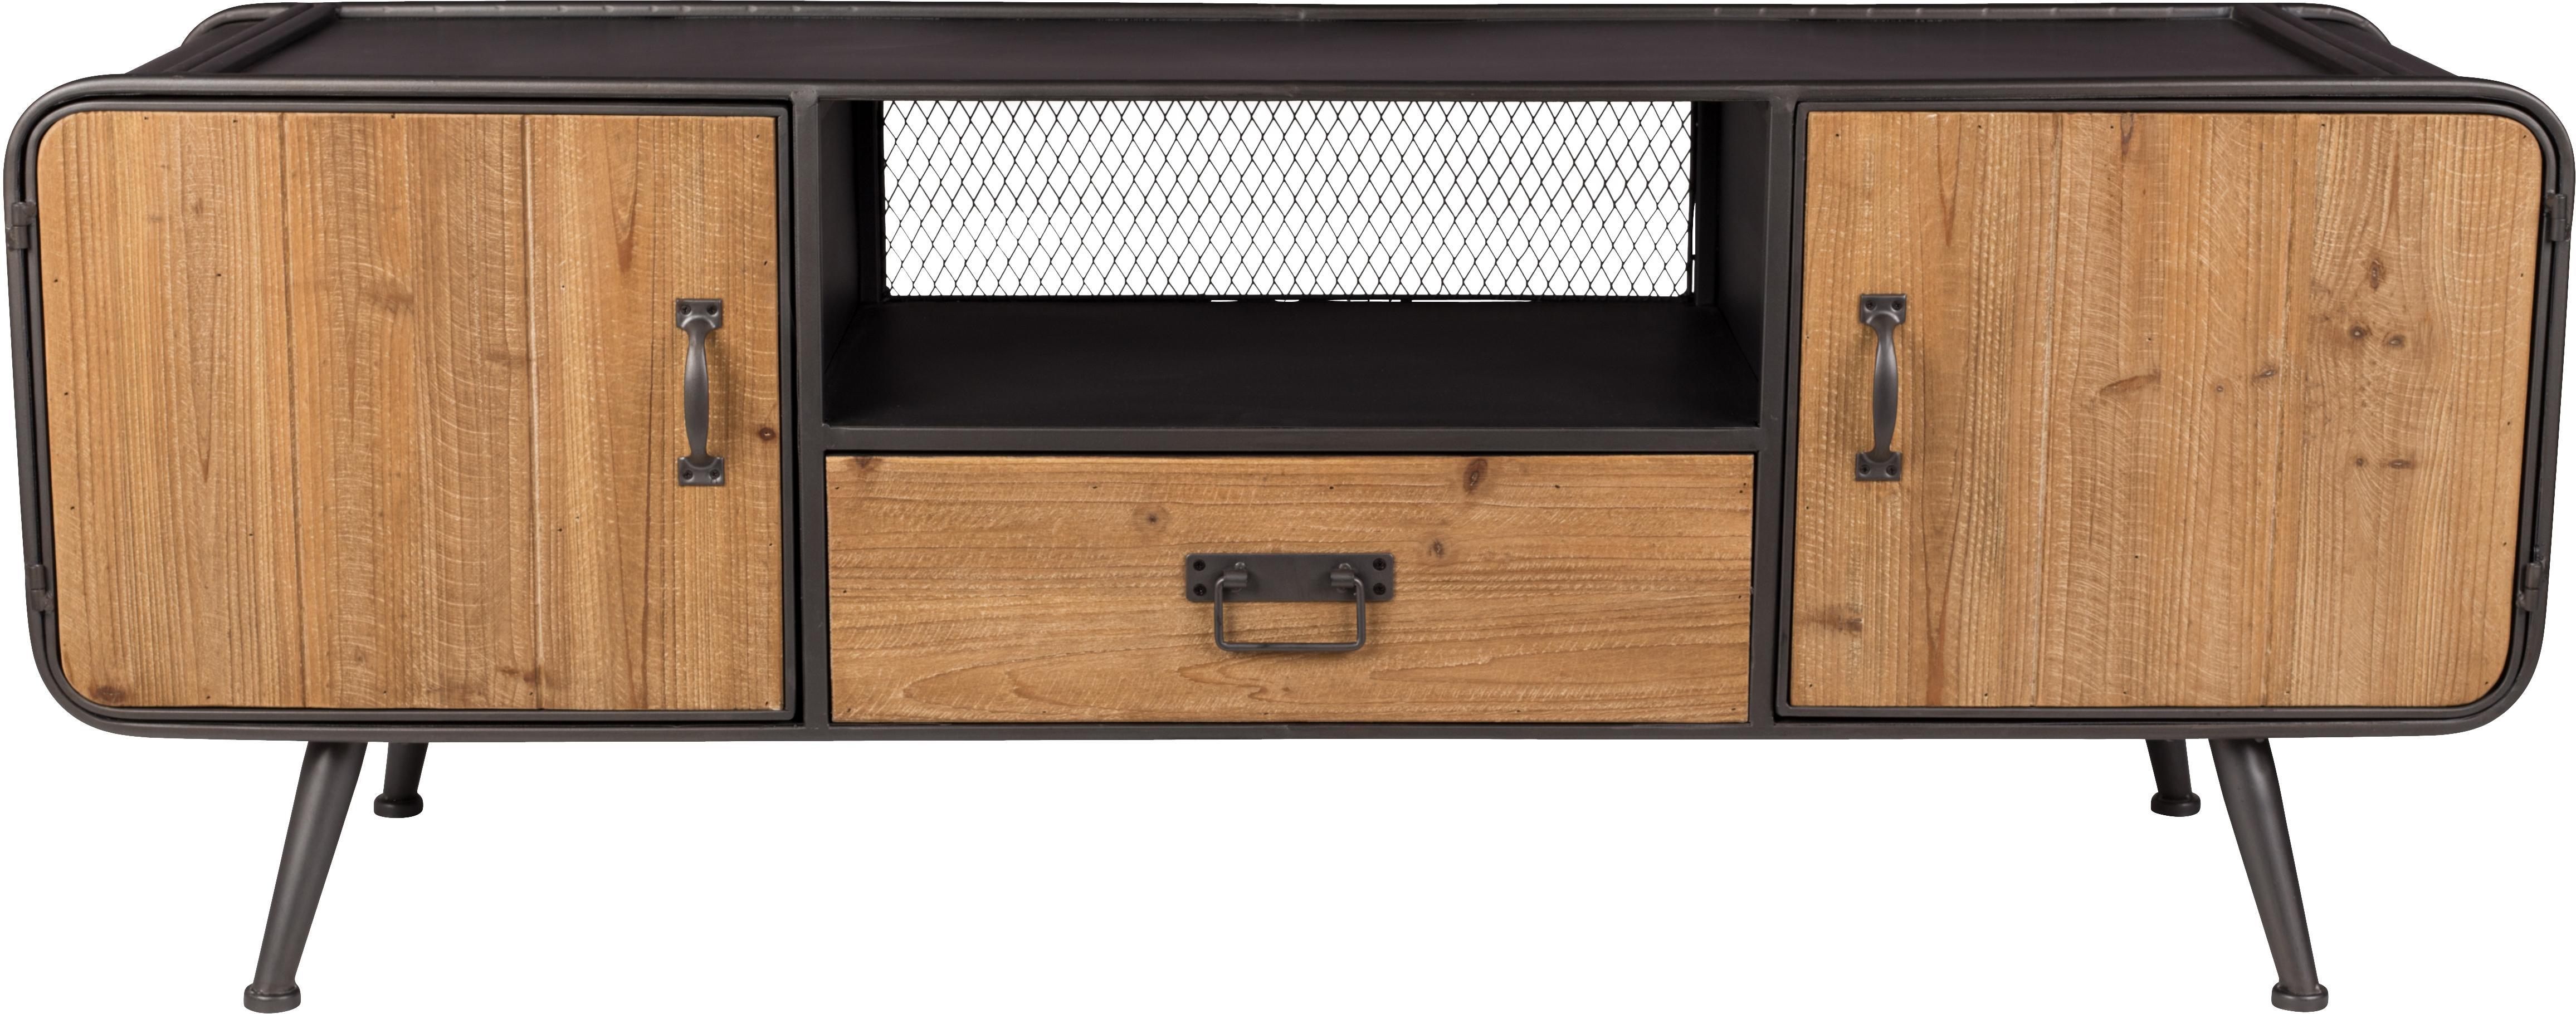 Szafka niska industrial Gin, Drzwi, szuflada: drewno jodłowe  Stelaż, uchwyty i nogi: szary, S 135 x W 51 cm